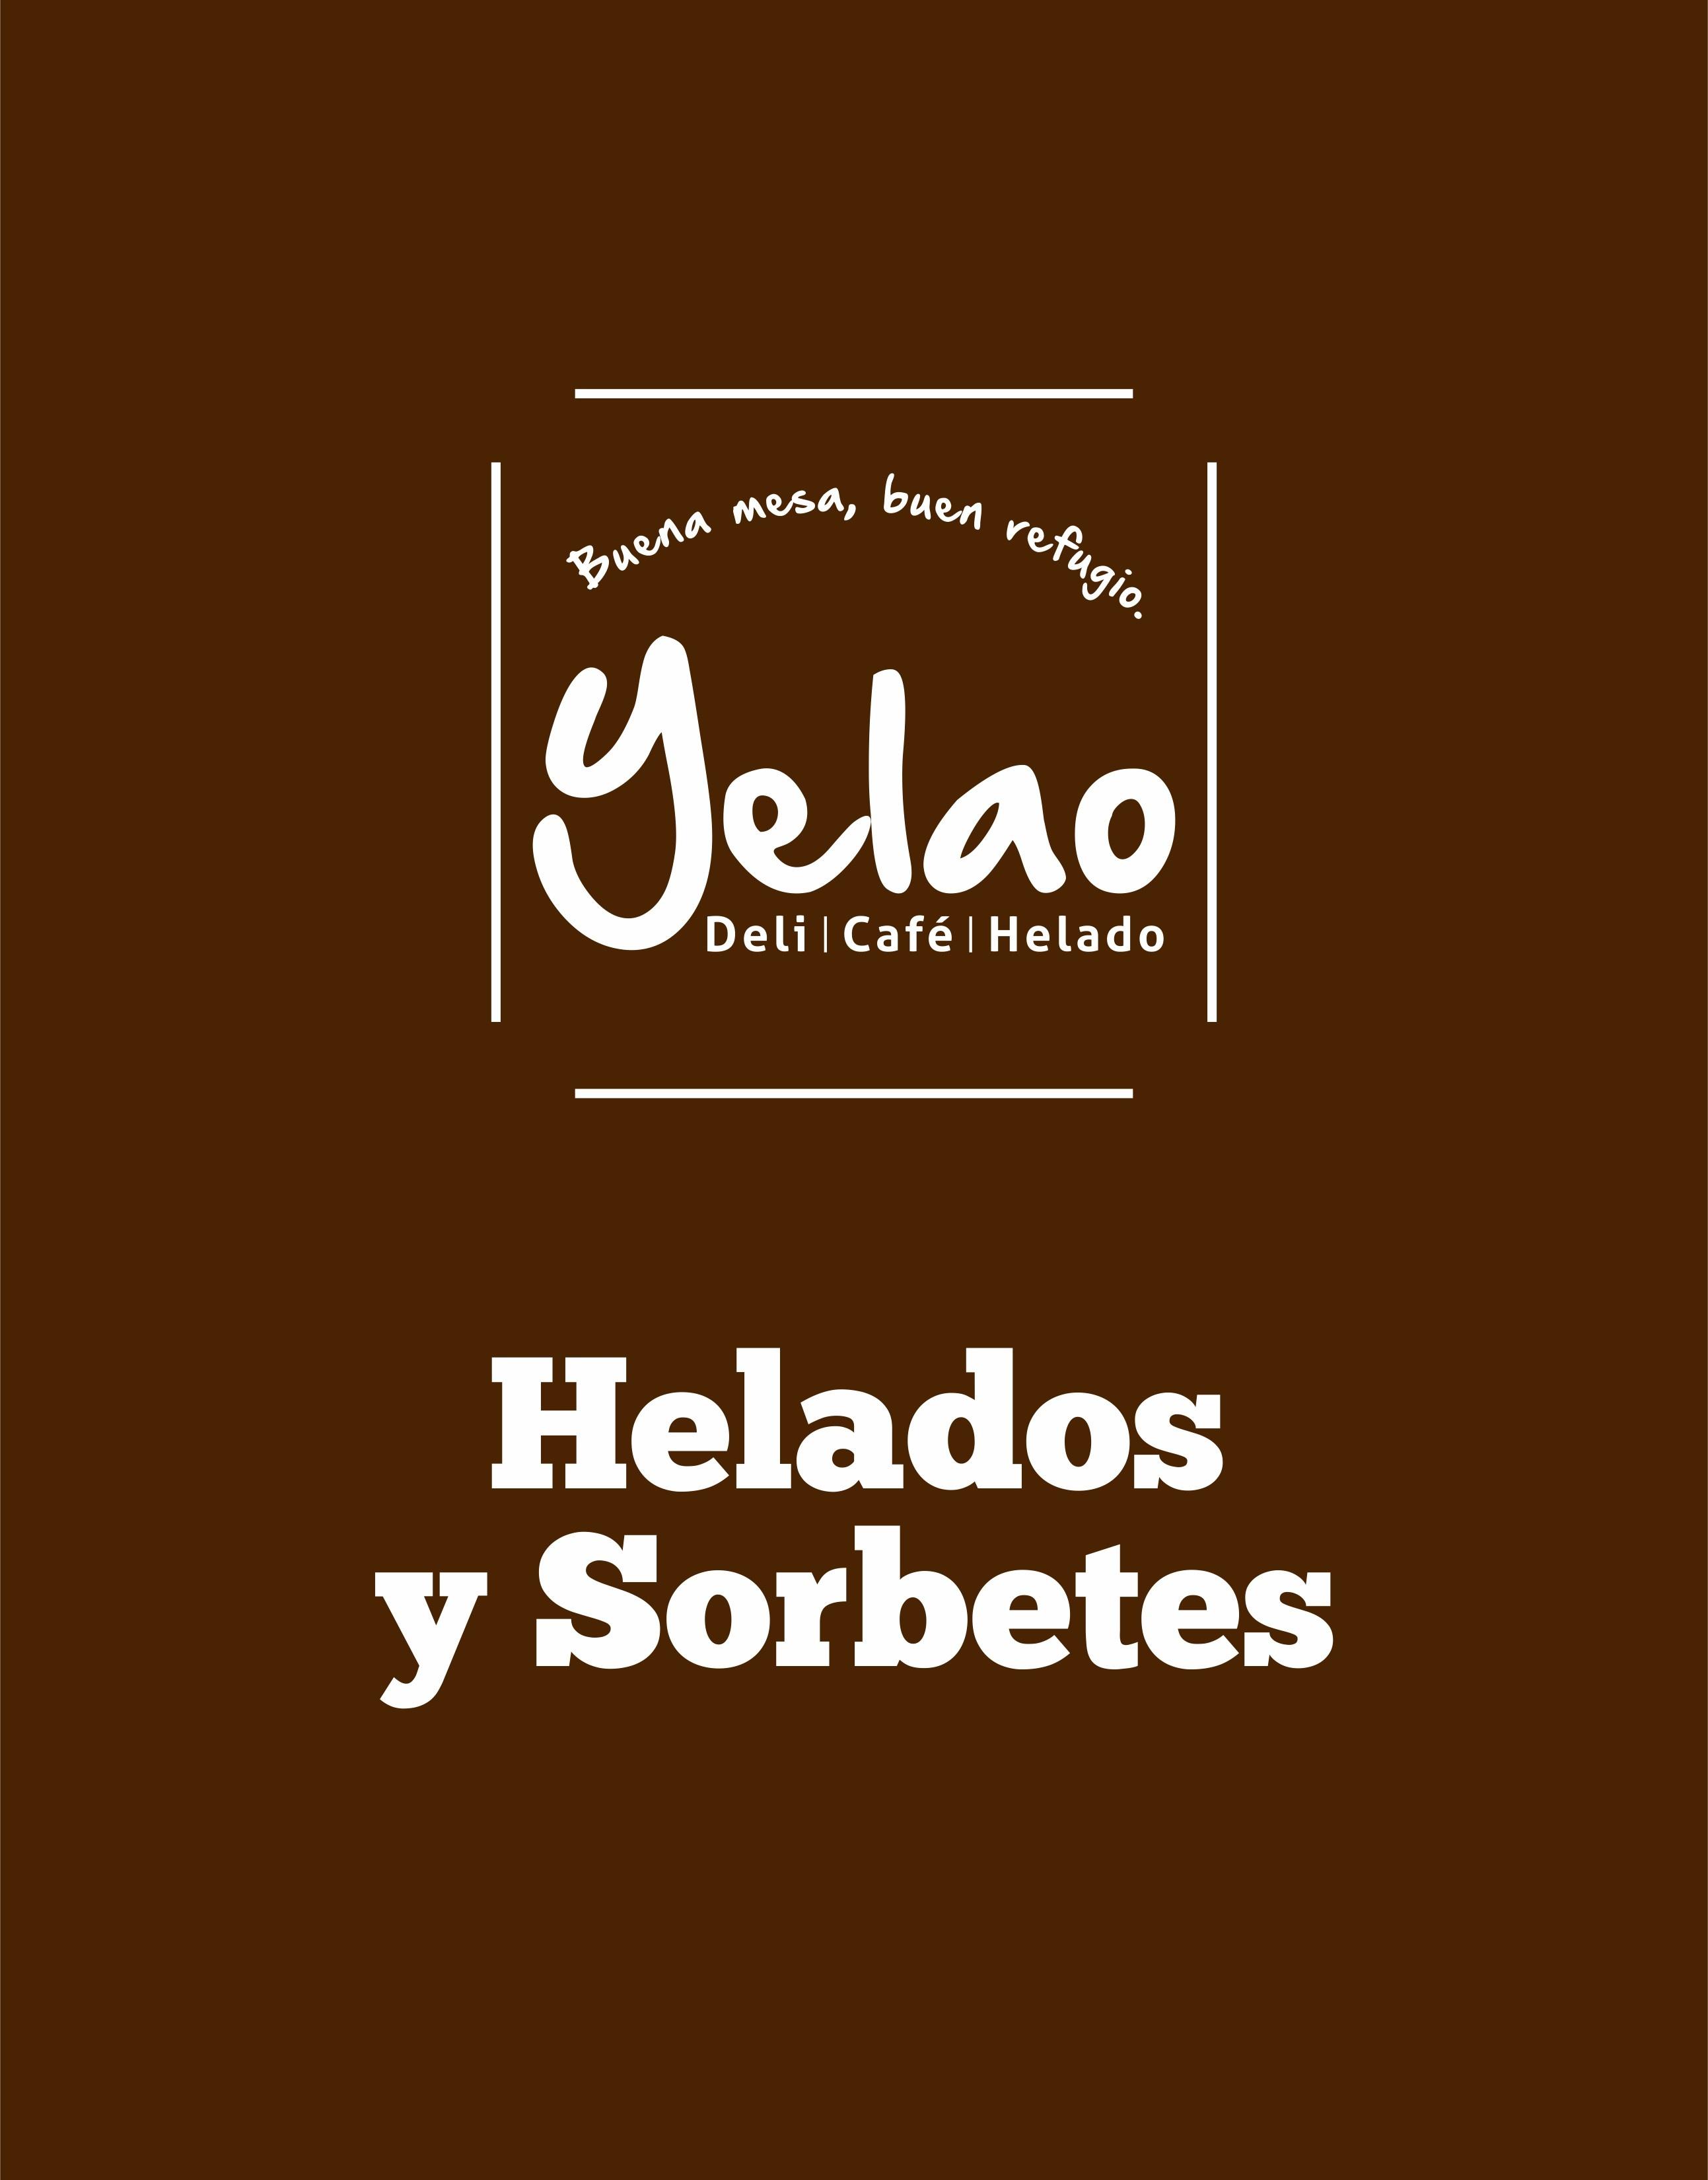 https://0201.nccdn.net/4_2/000/000/05c/240/8-PORTADA-HELADOS-2586x3300.jpg